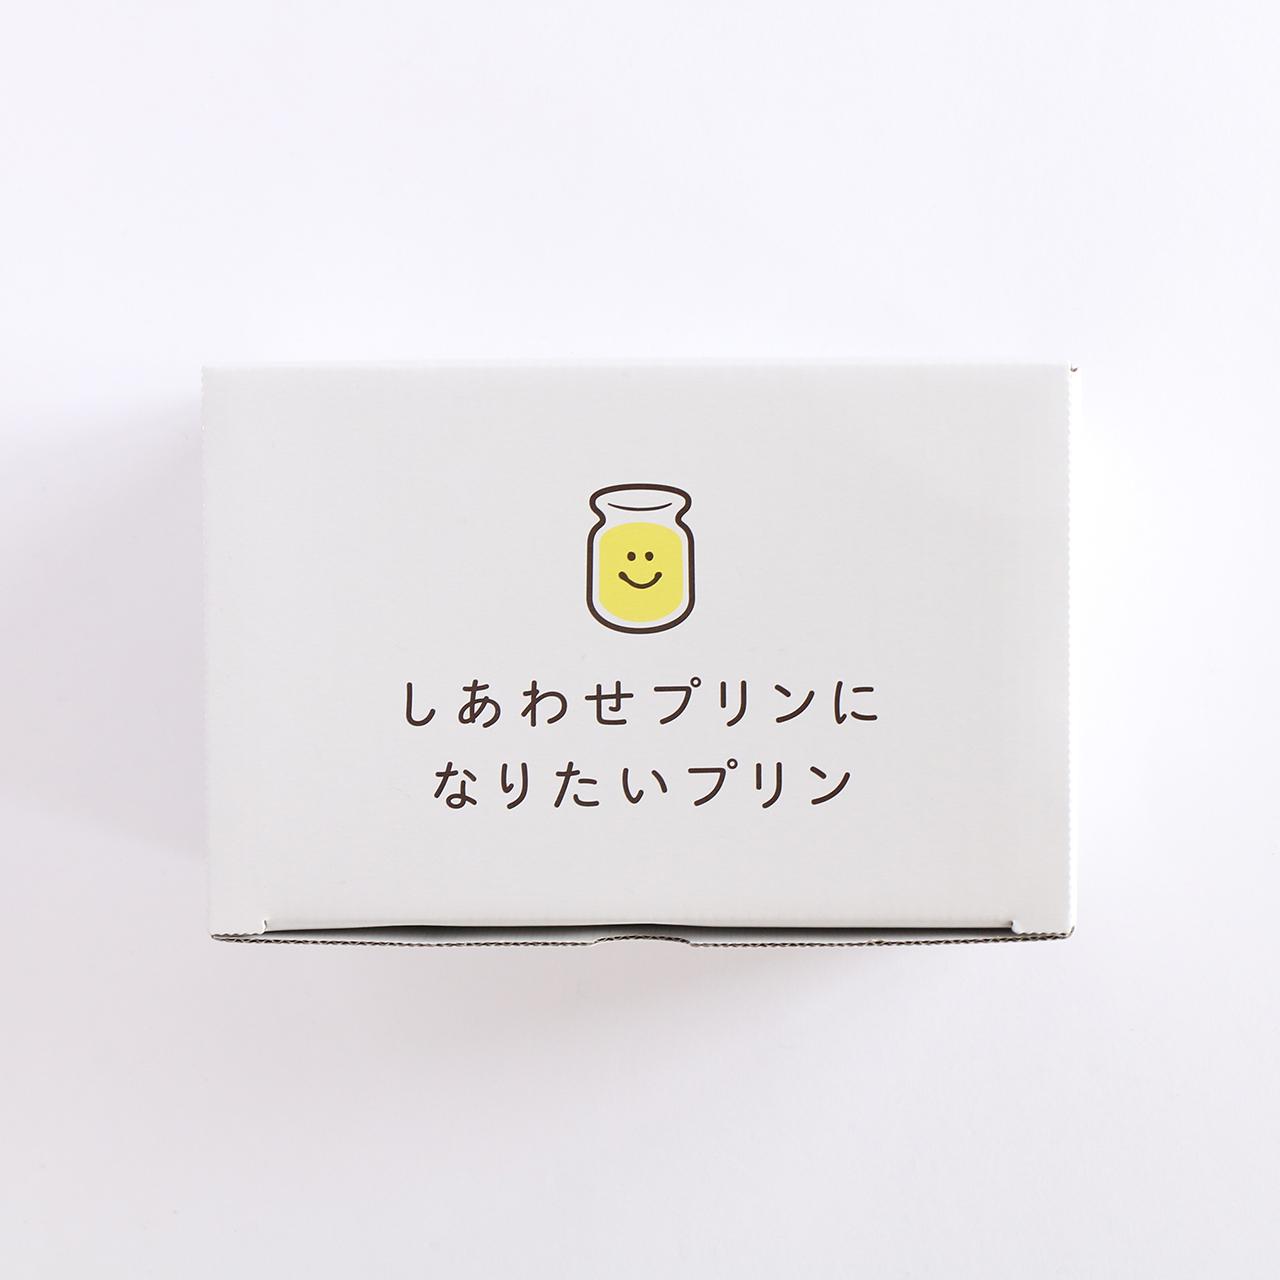 【5/12発送分】しあわせプリンになりたいプリン 6個セット